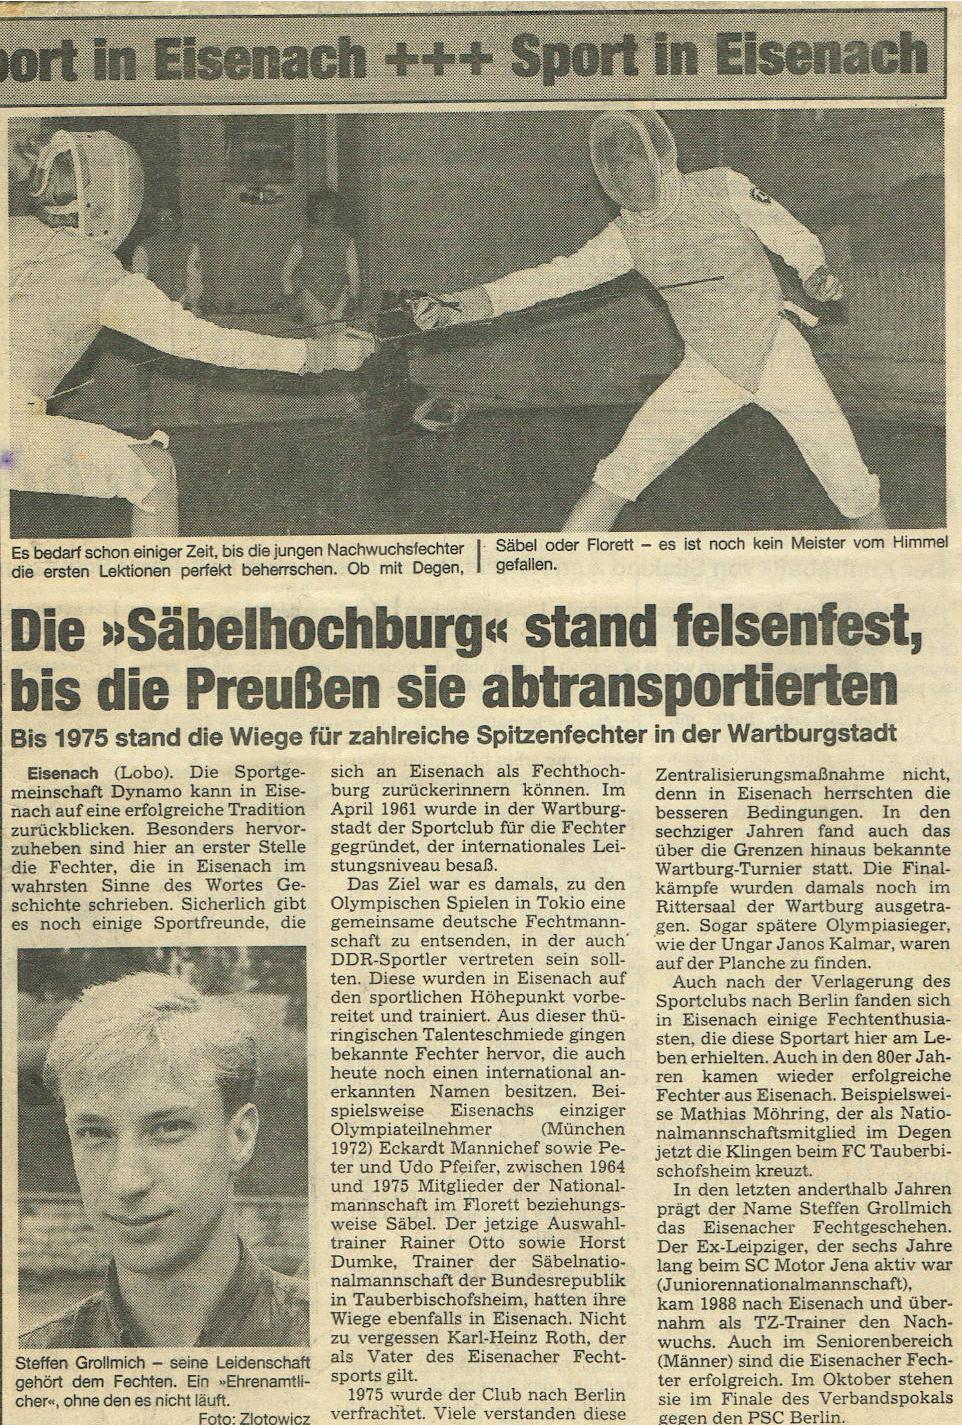 STEFFEN GROLLMISCH - DER TRAINER